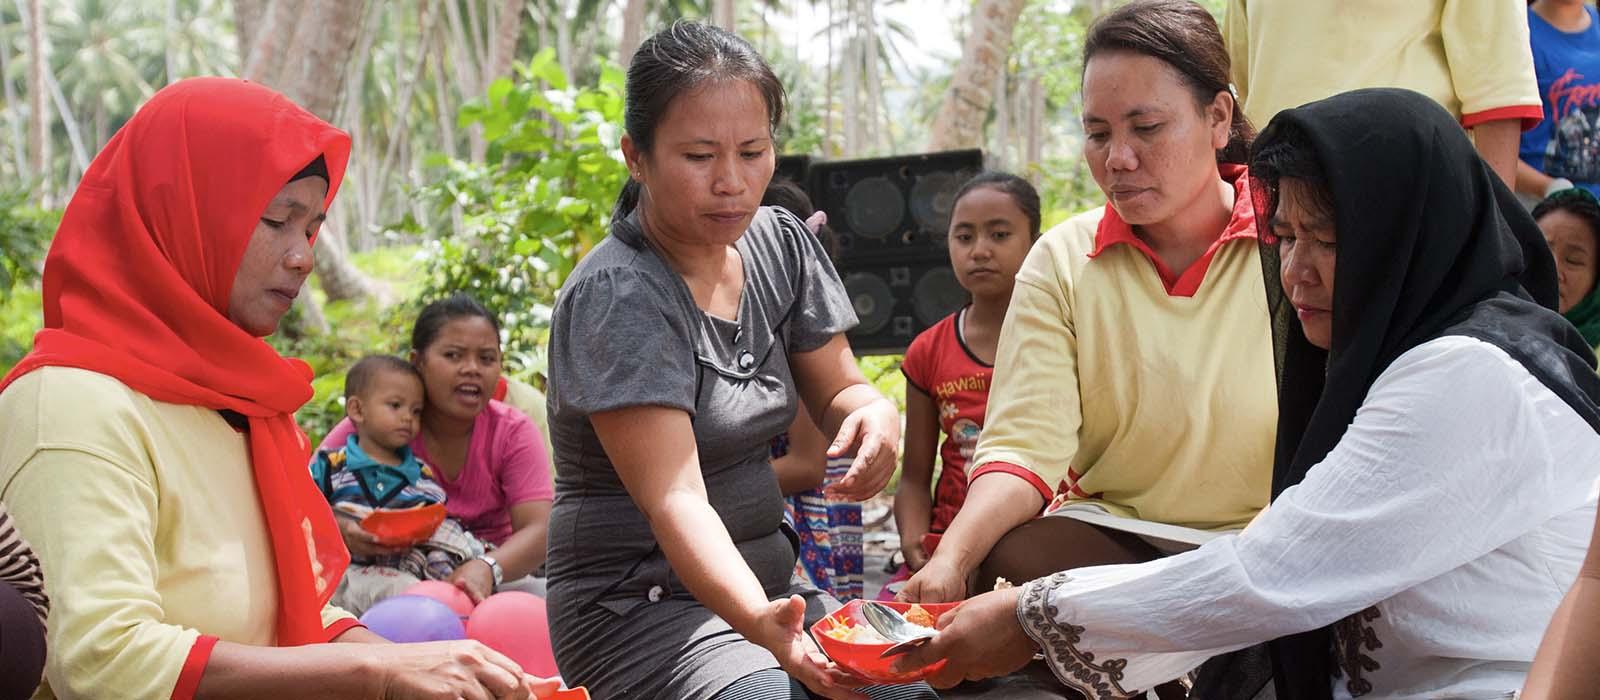 Pemberdayaan dan Partisipasi Perempuan dan Anak